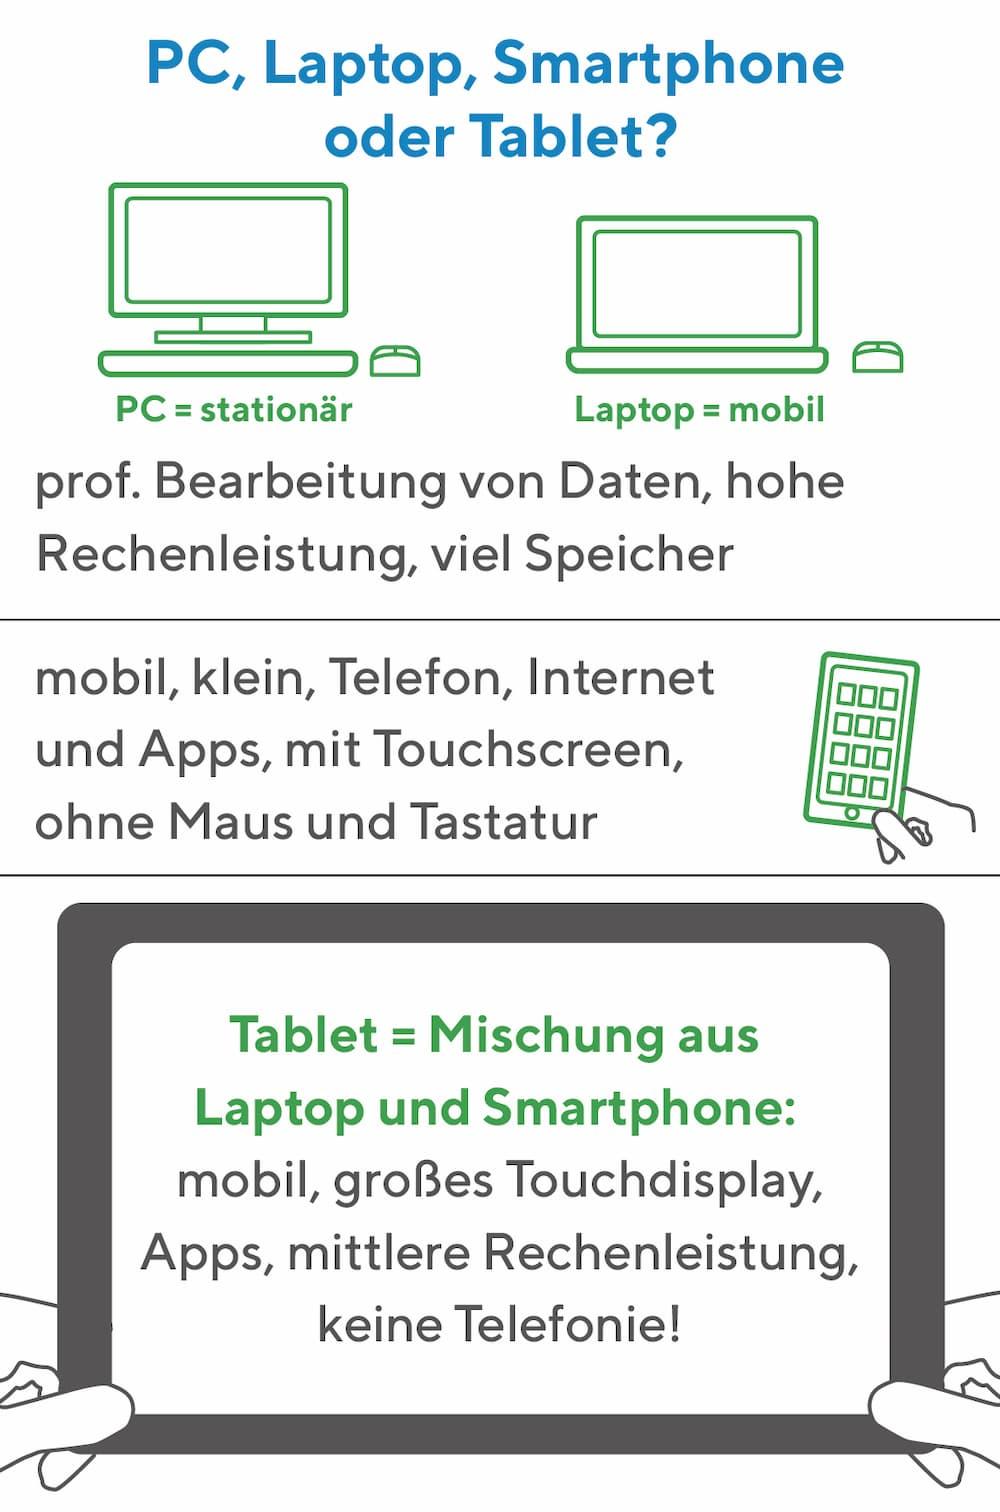 Unterschiede: Tablet, Laptop, PC oder Smarthpone